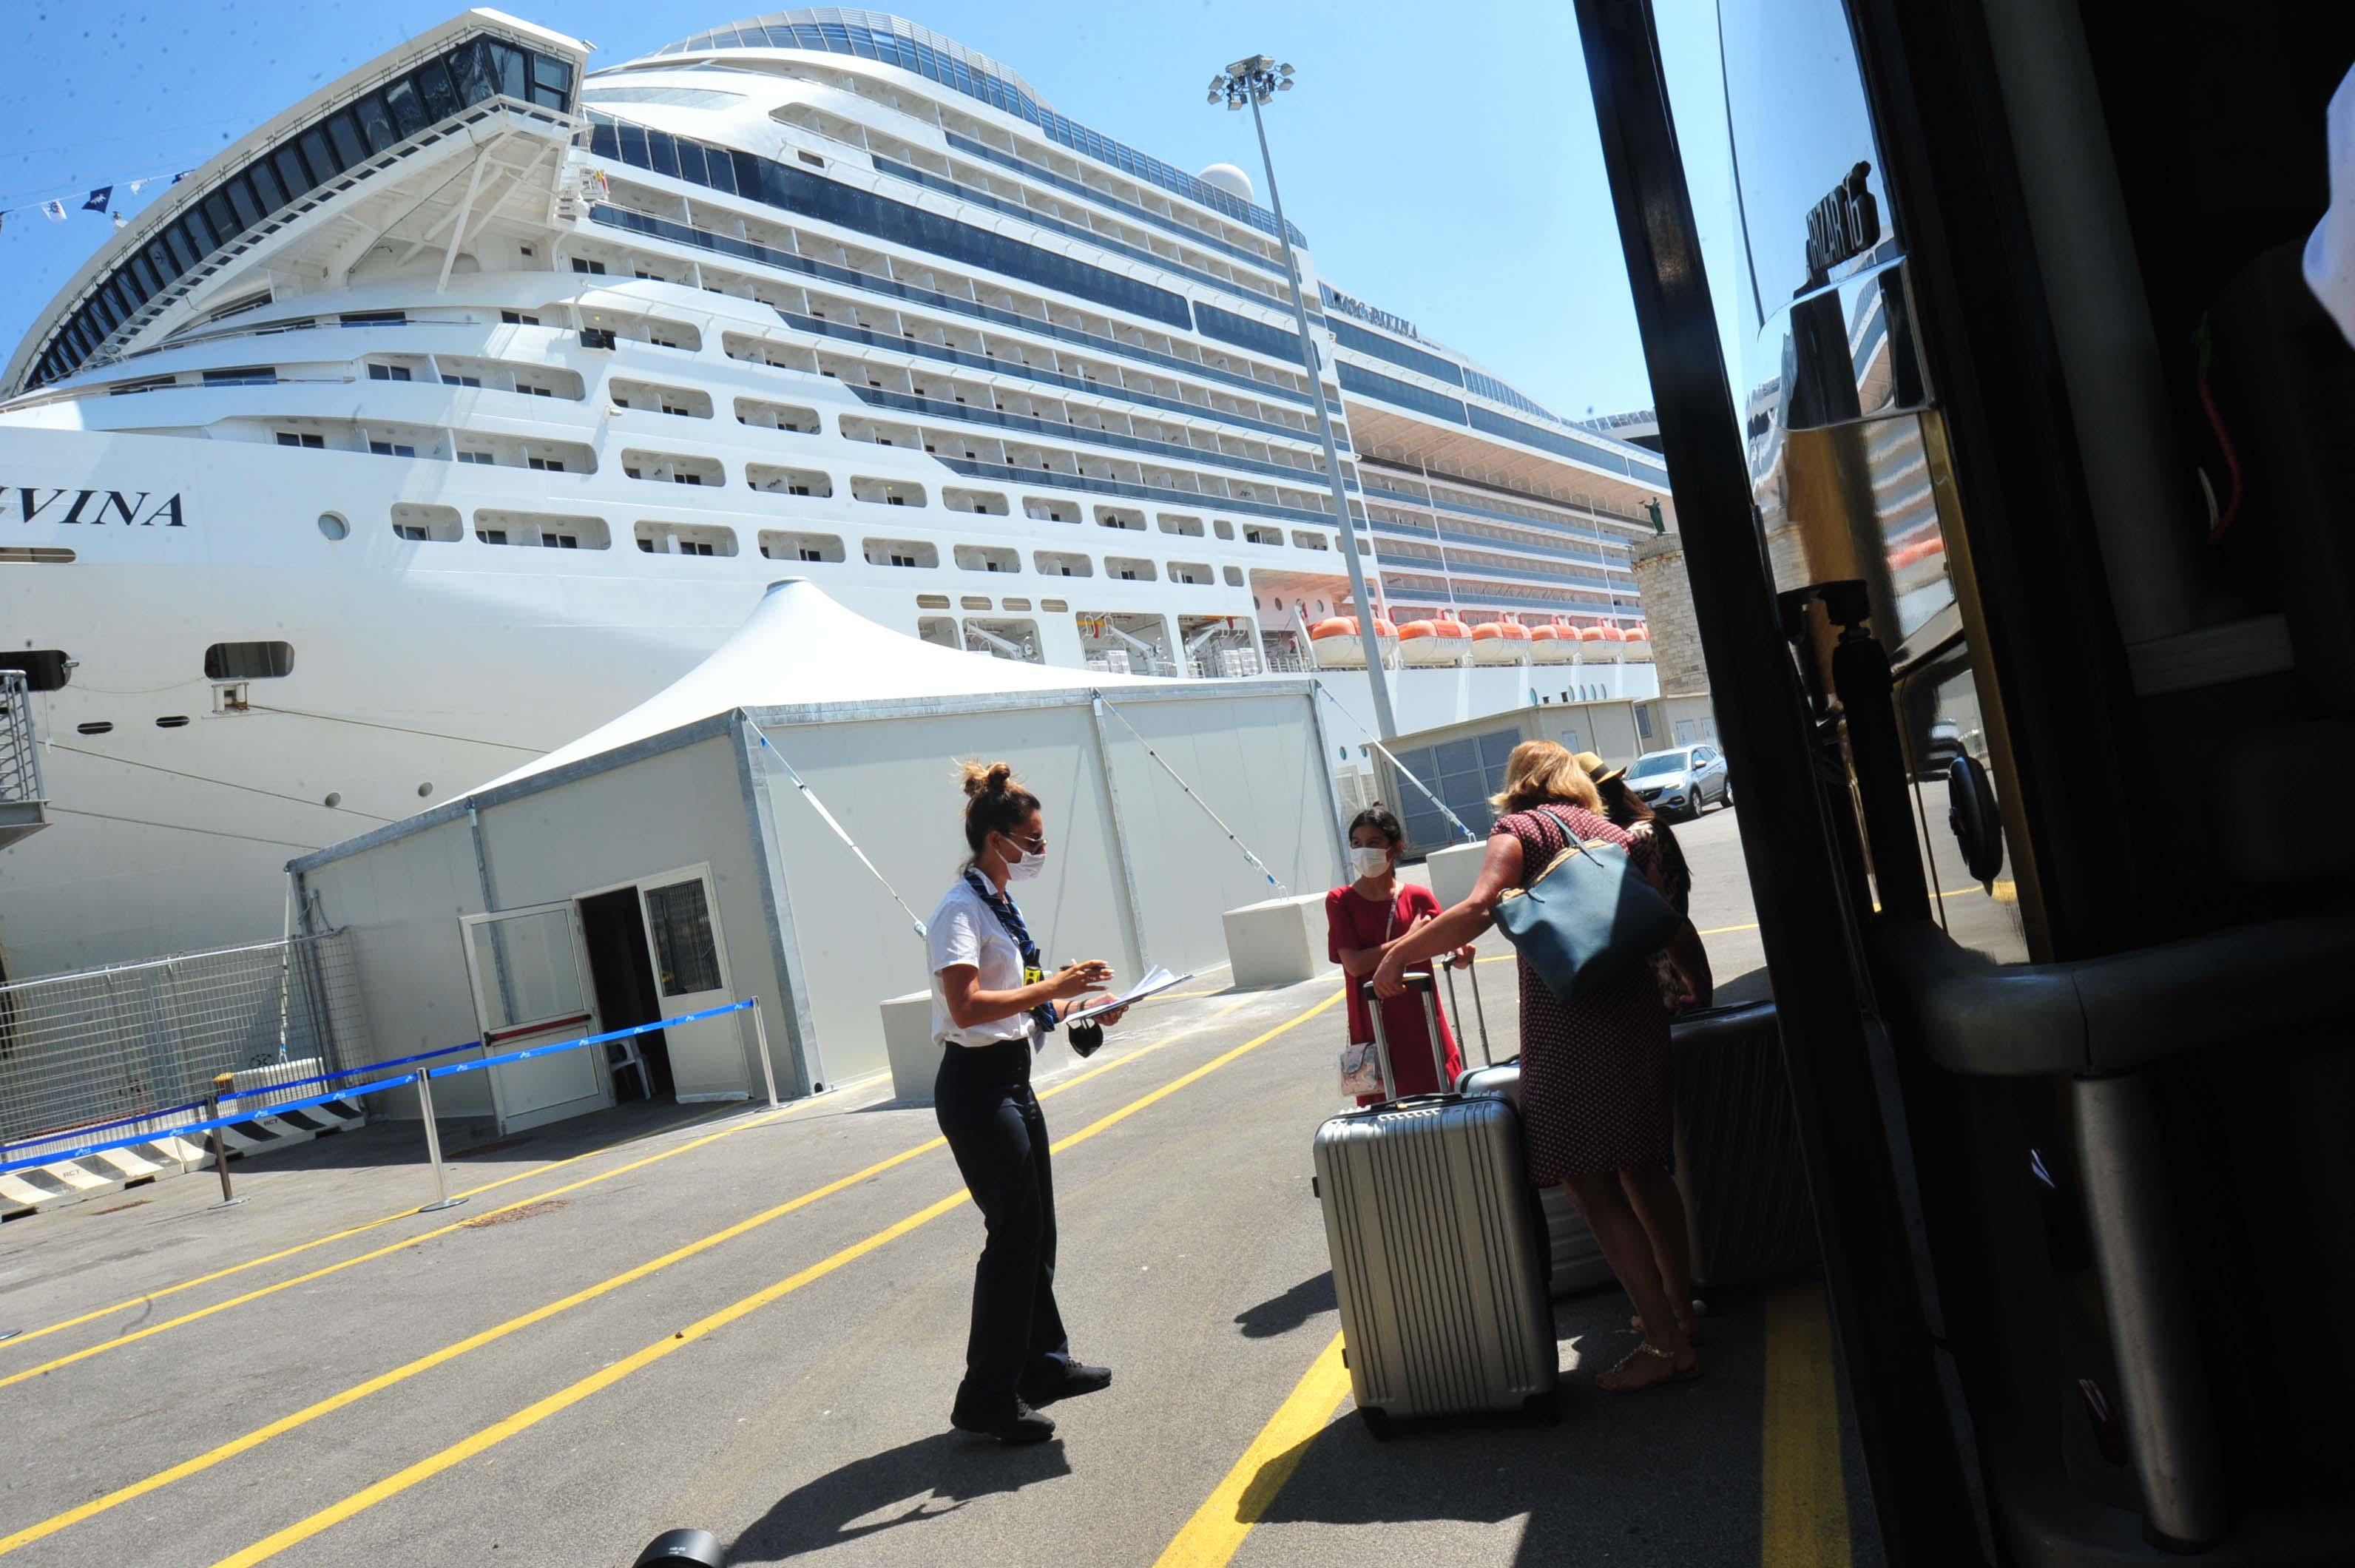 Msc Grandiosa, incremento di 300 unità passeggeri